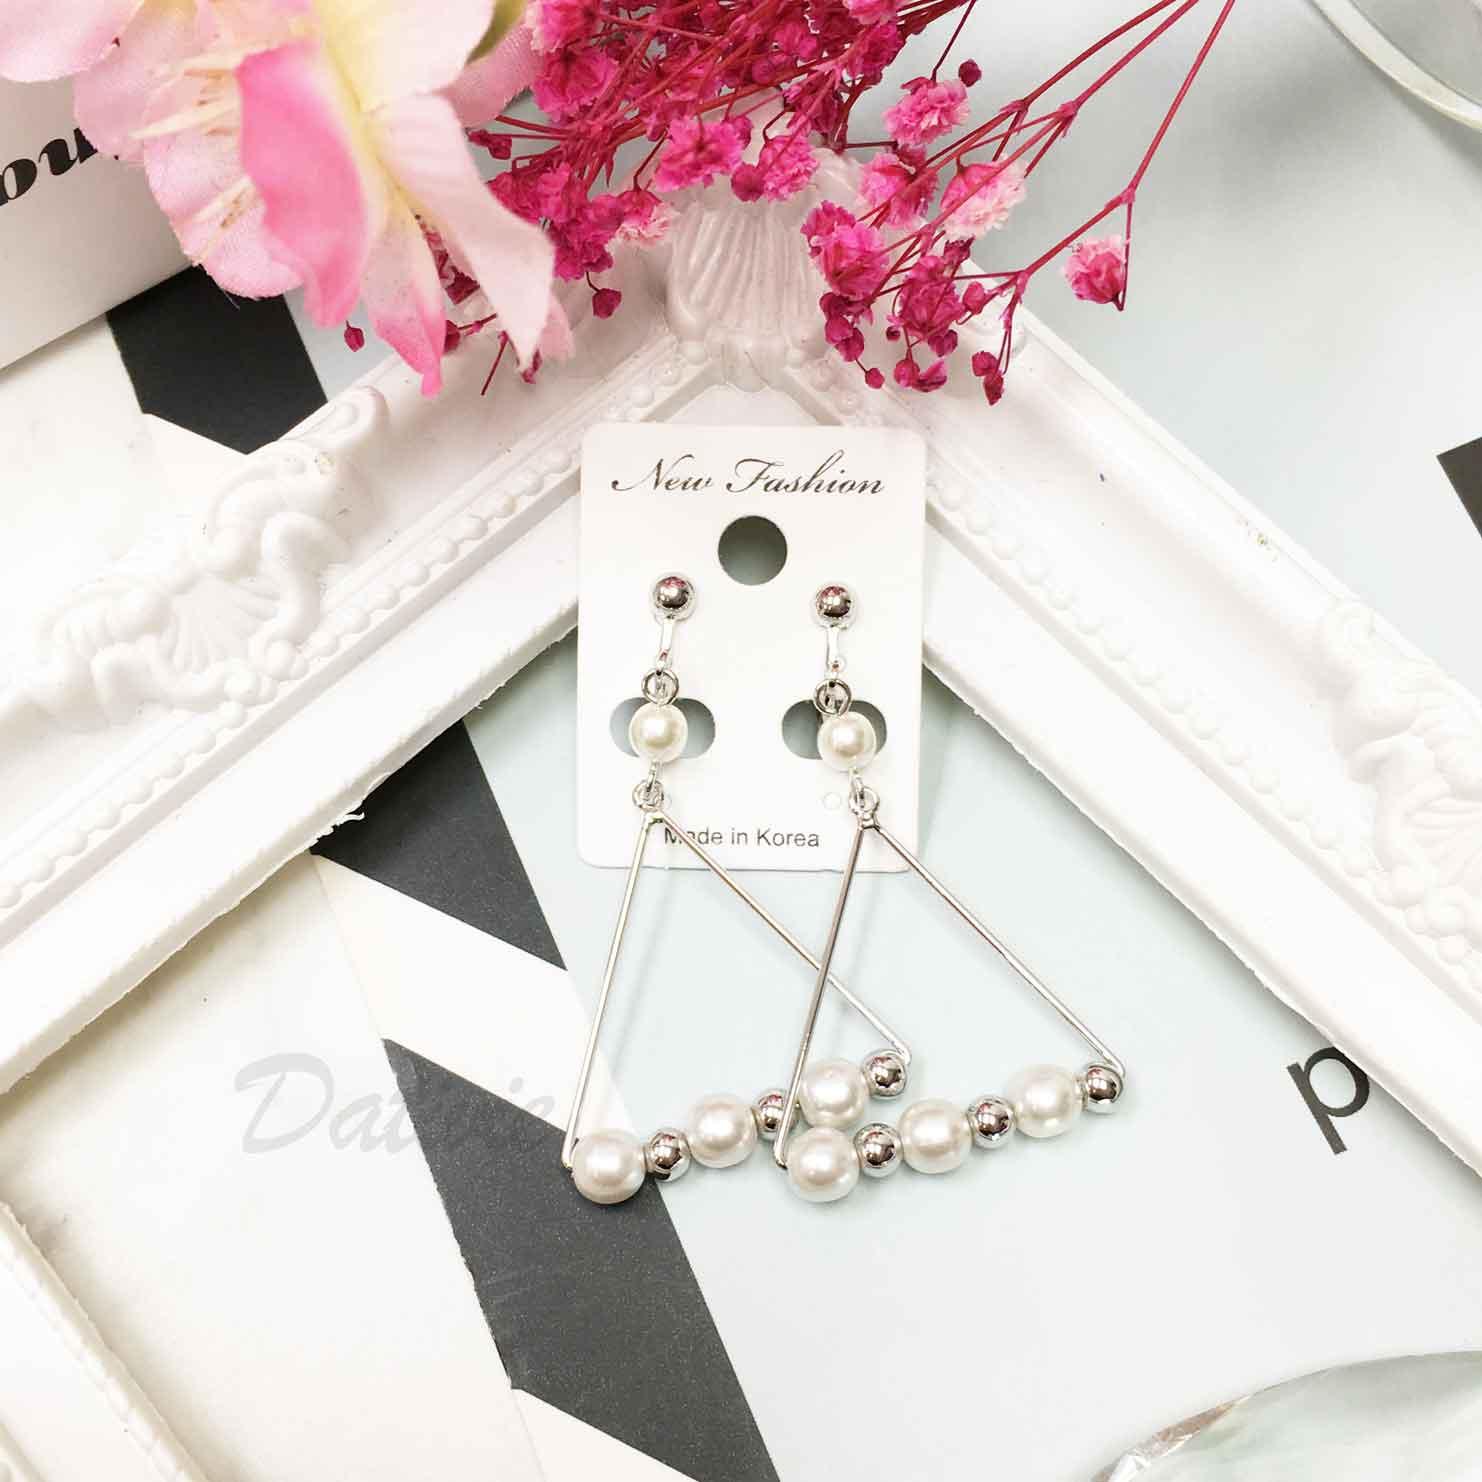 韓國 金屬風 串珠 三角形簡約 個性 俐落大方 歐美幾何 夾式耳環